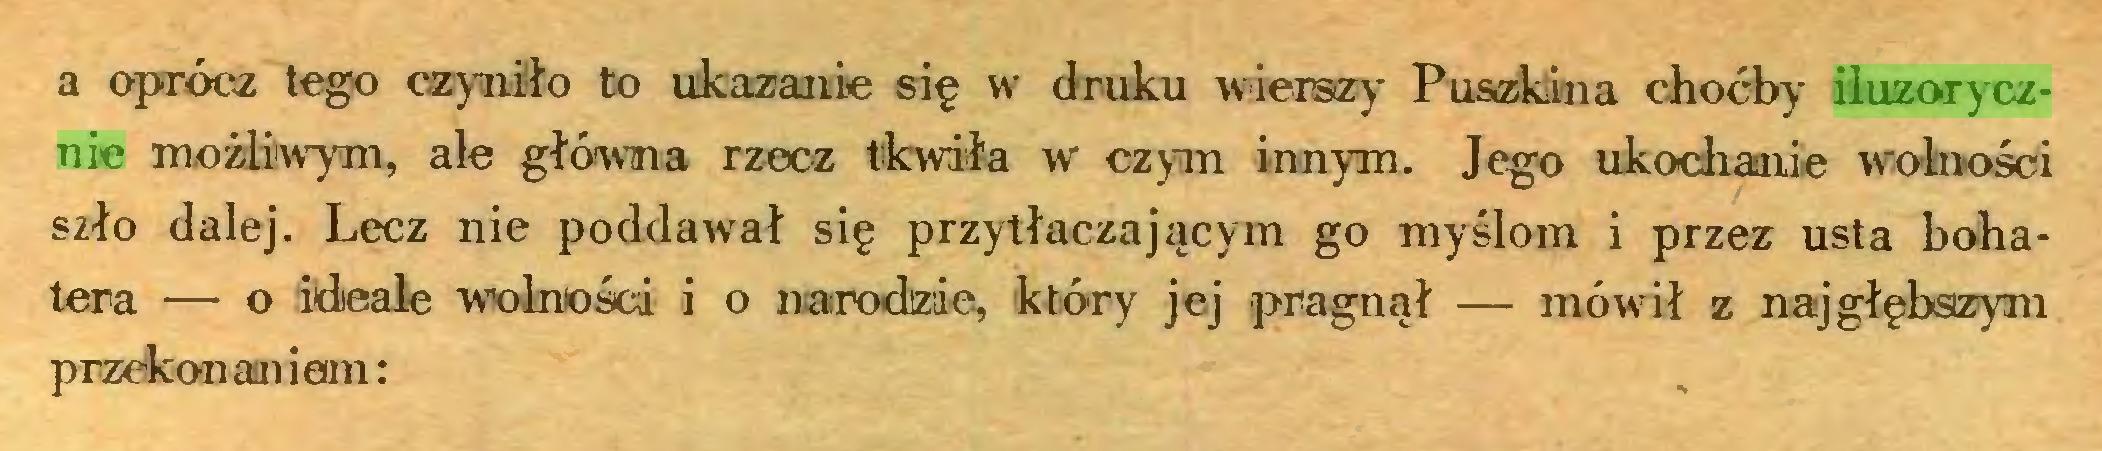 (...) a oprócz tego czyniło to ukazanie się w druku wierszy Puszkina choćby iluzorycznie możliwym, ale główna rzecz tkwiła w czym innym. Jego ukochanie wolności szło dalej. Lecz nie poddawał się przytłaczającym go myślom i przez usta bohatera — o ideale wolności i o narodzie, który jej pragnął — mówił z najgłębszym przekonaniem:...